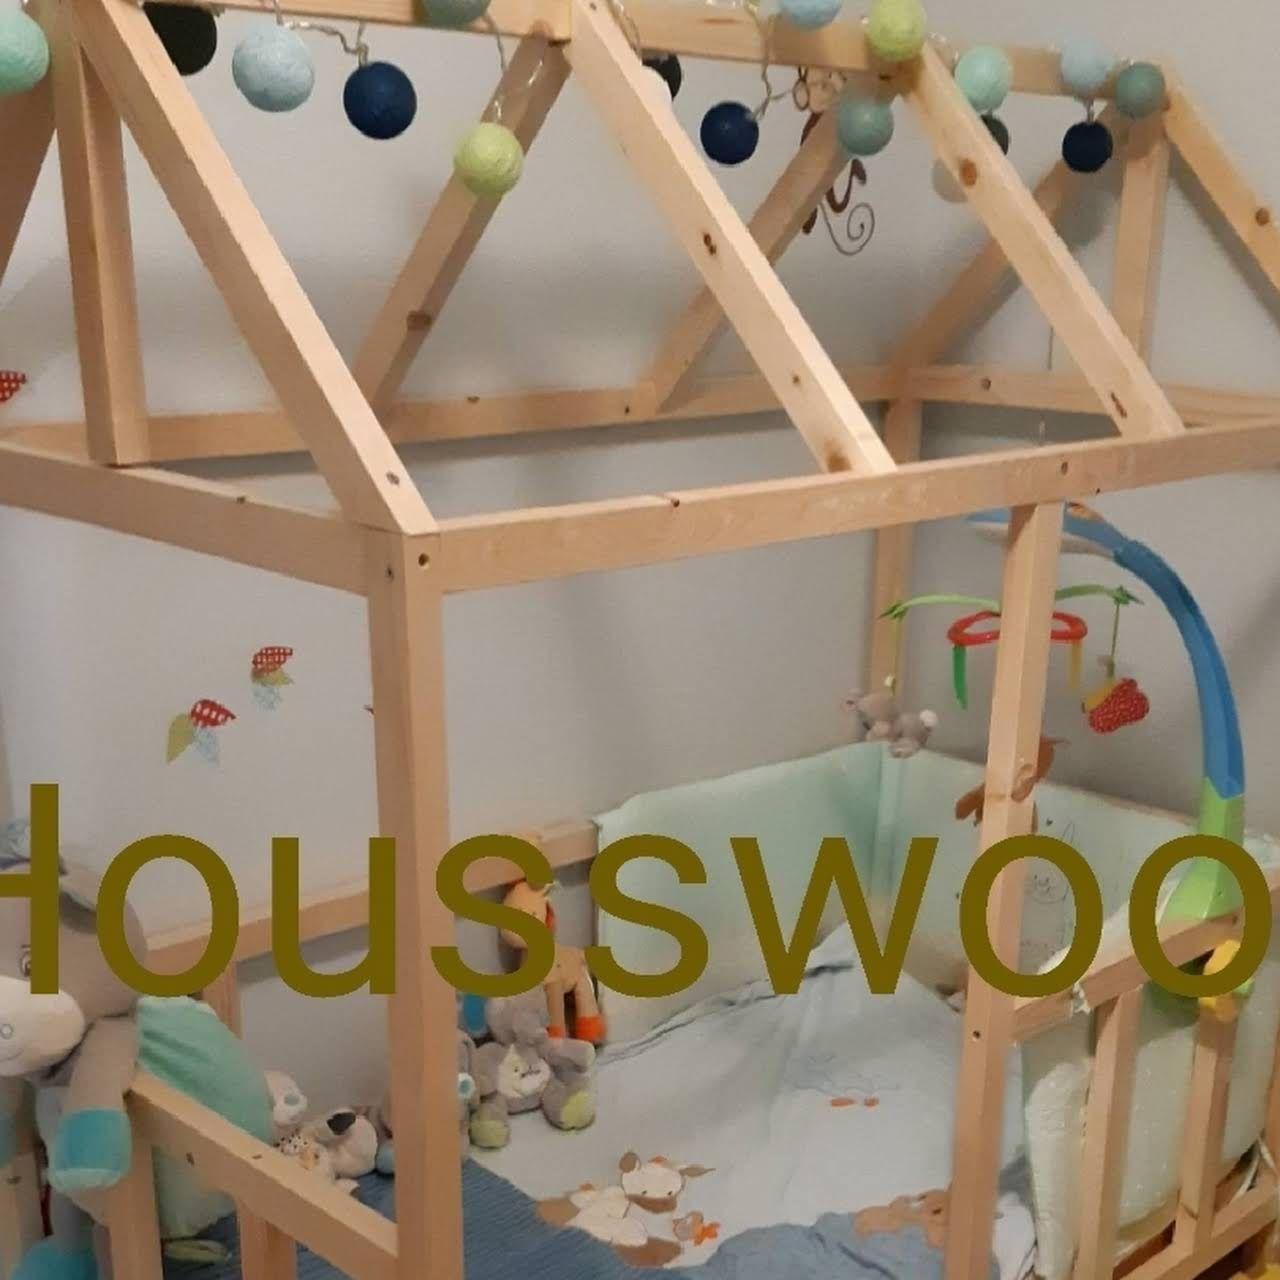 Housswood Lits Cabane Au Sol Inspiration Montessori En Bois Fabriques En France Chambre Enfant Mobilier De Salon Lit Cabane